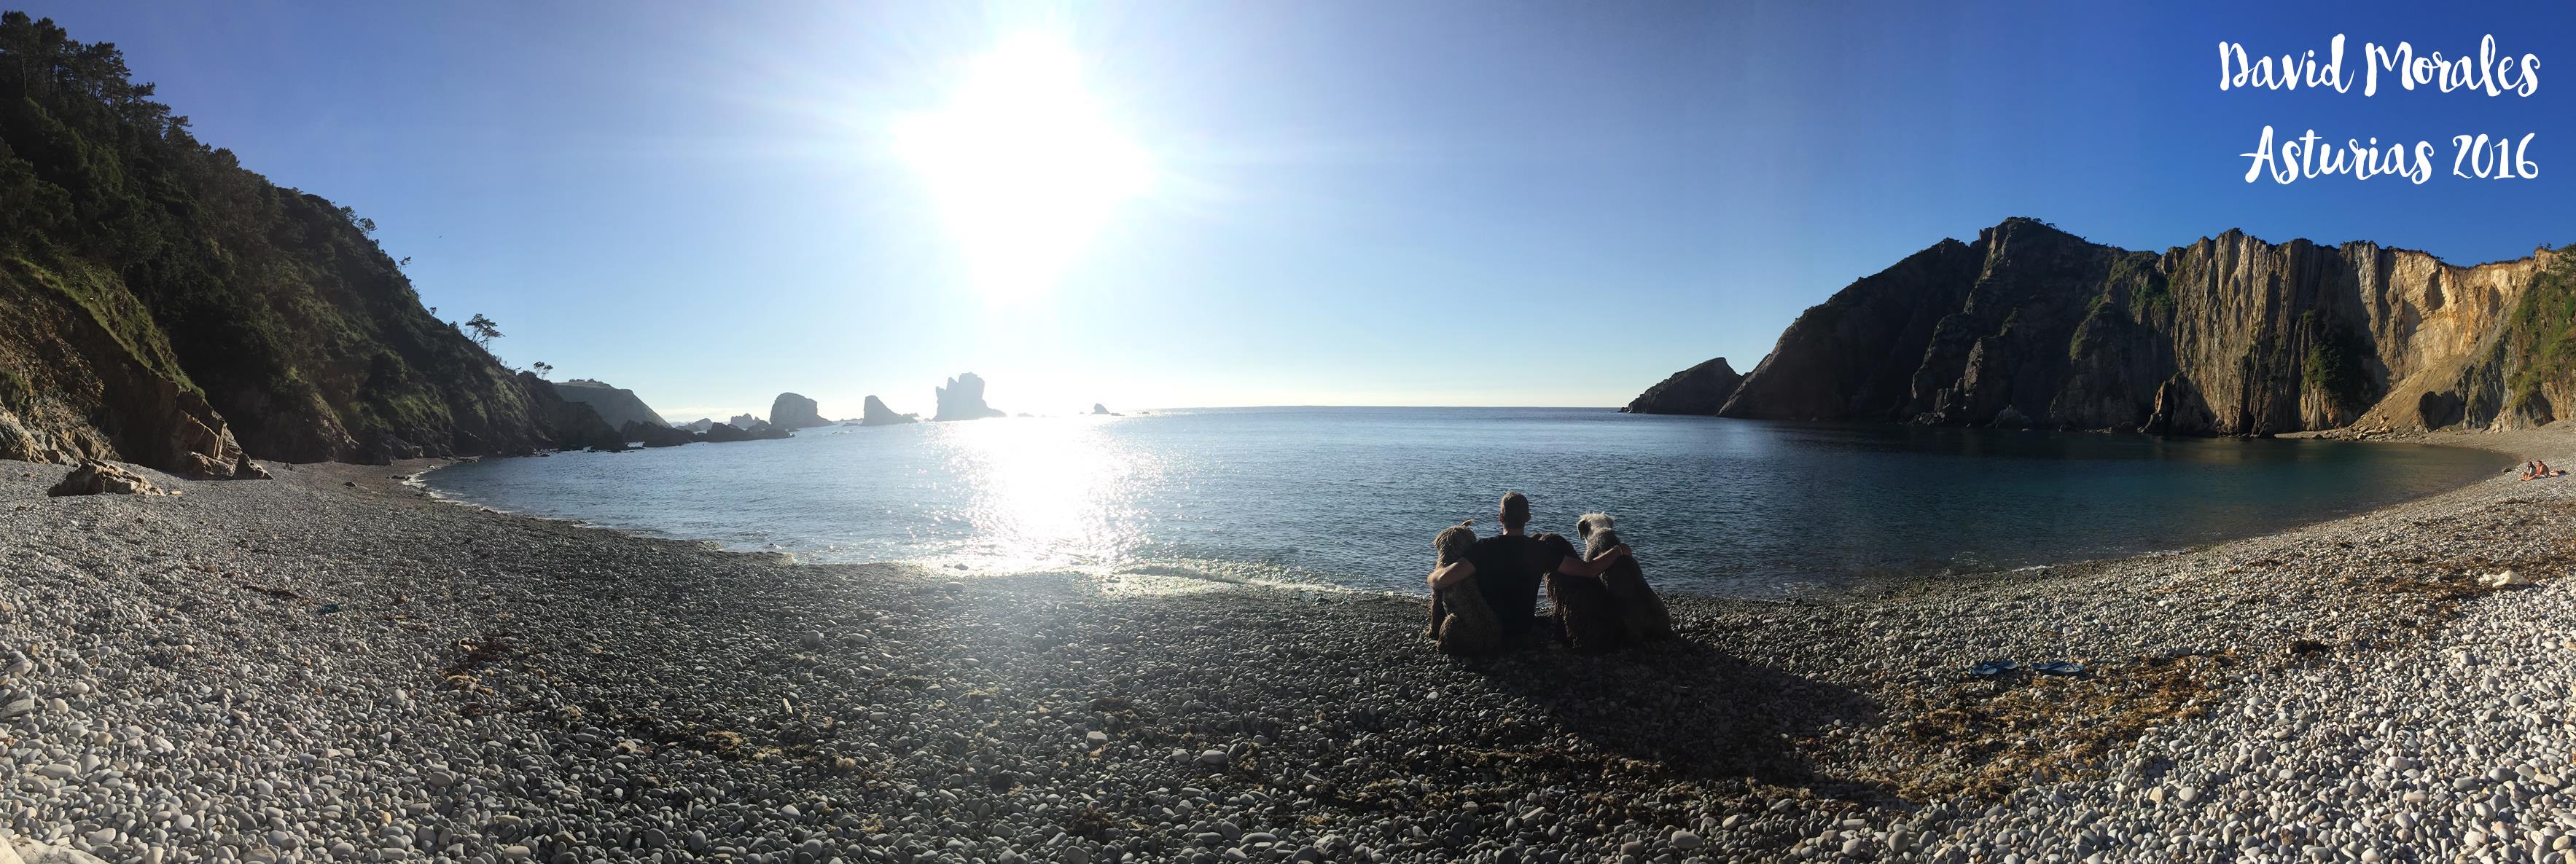 Playa del Silencio Asturias 2016